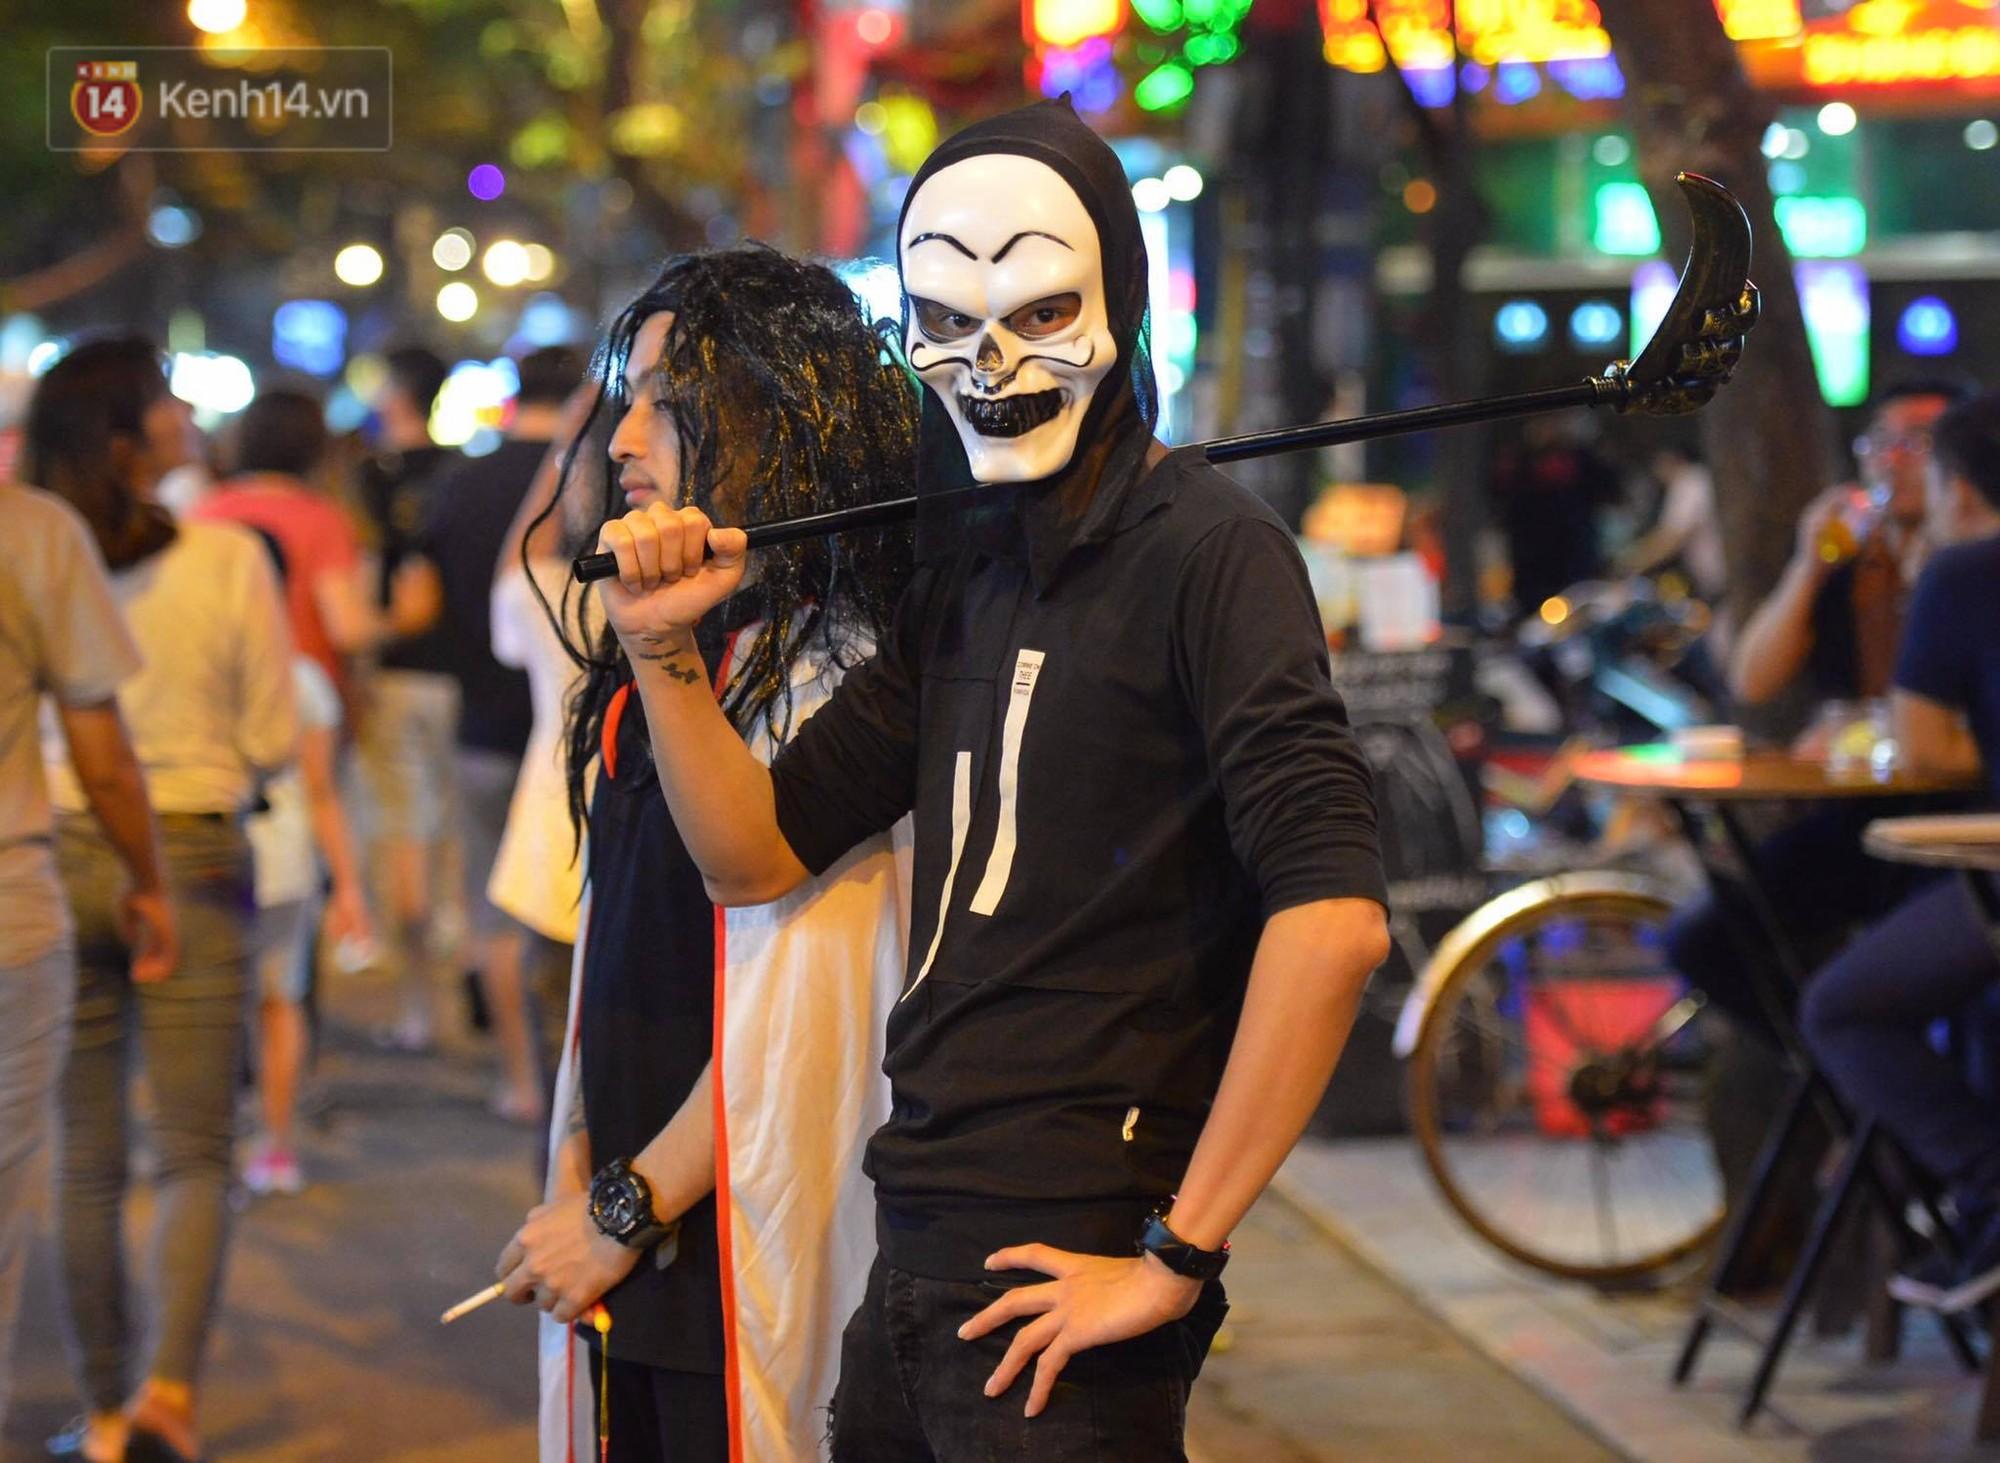 Chùm ảnh: Chị Valak cùng các thây ma đã dạo chơi phố Tây Hà Nội dù 3 ngày nữa mới tới Halloween - Ảnh 8.